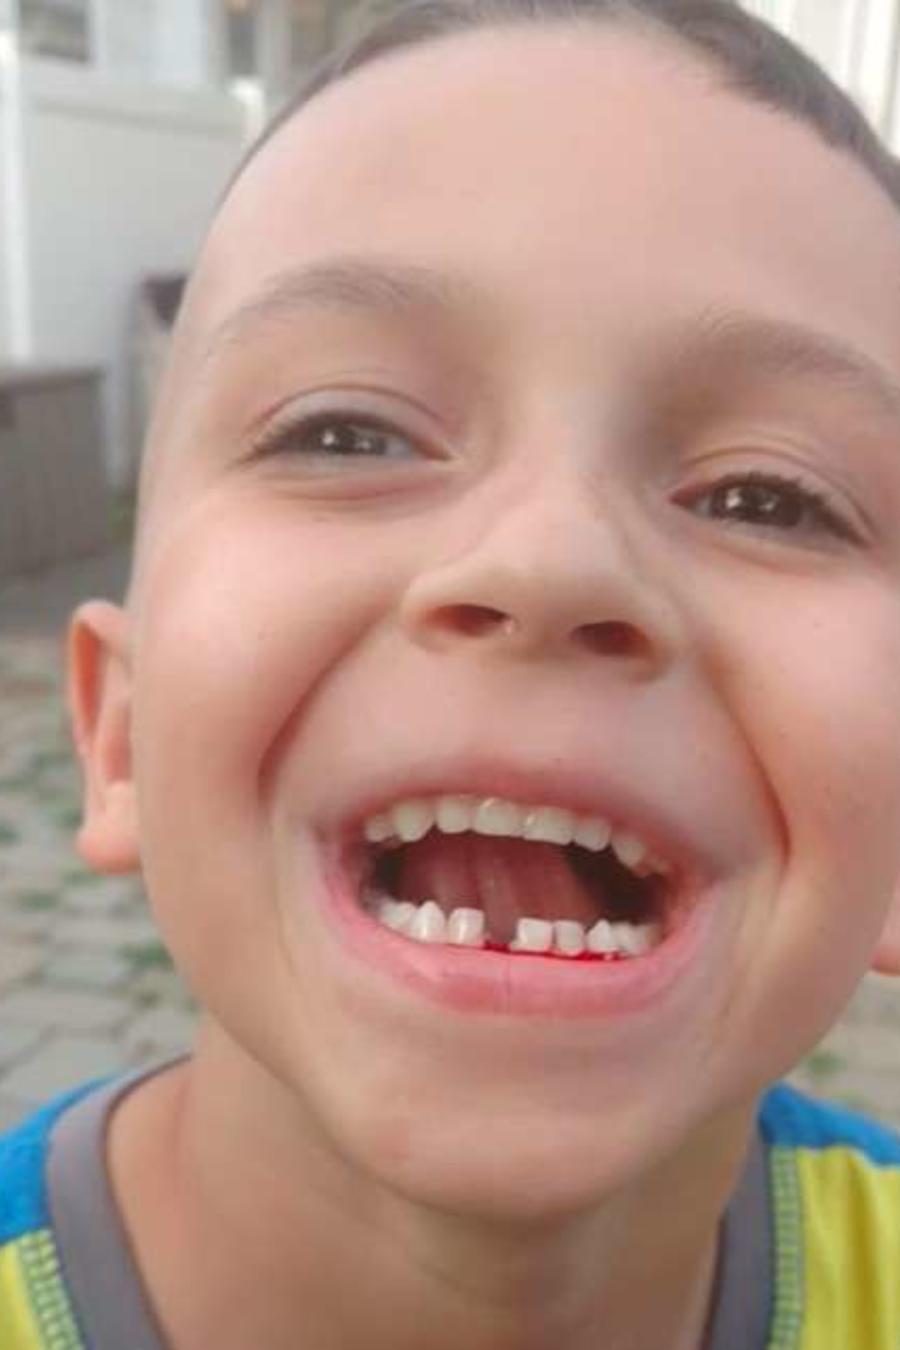 Un niño deja que su padre le arranque uno de sus dientes con un dron.